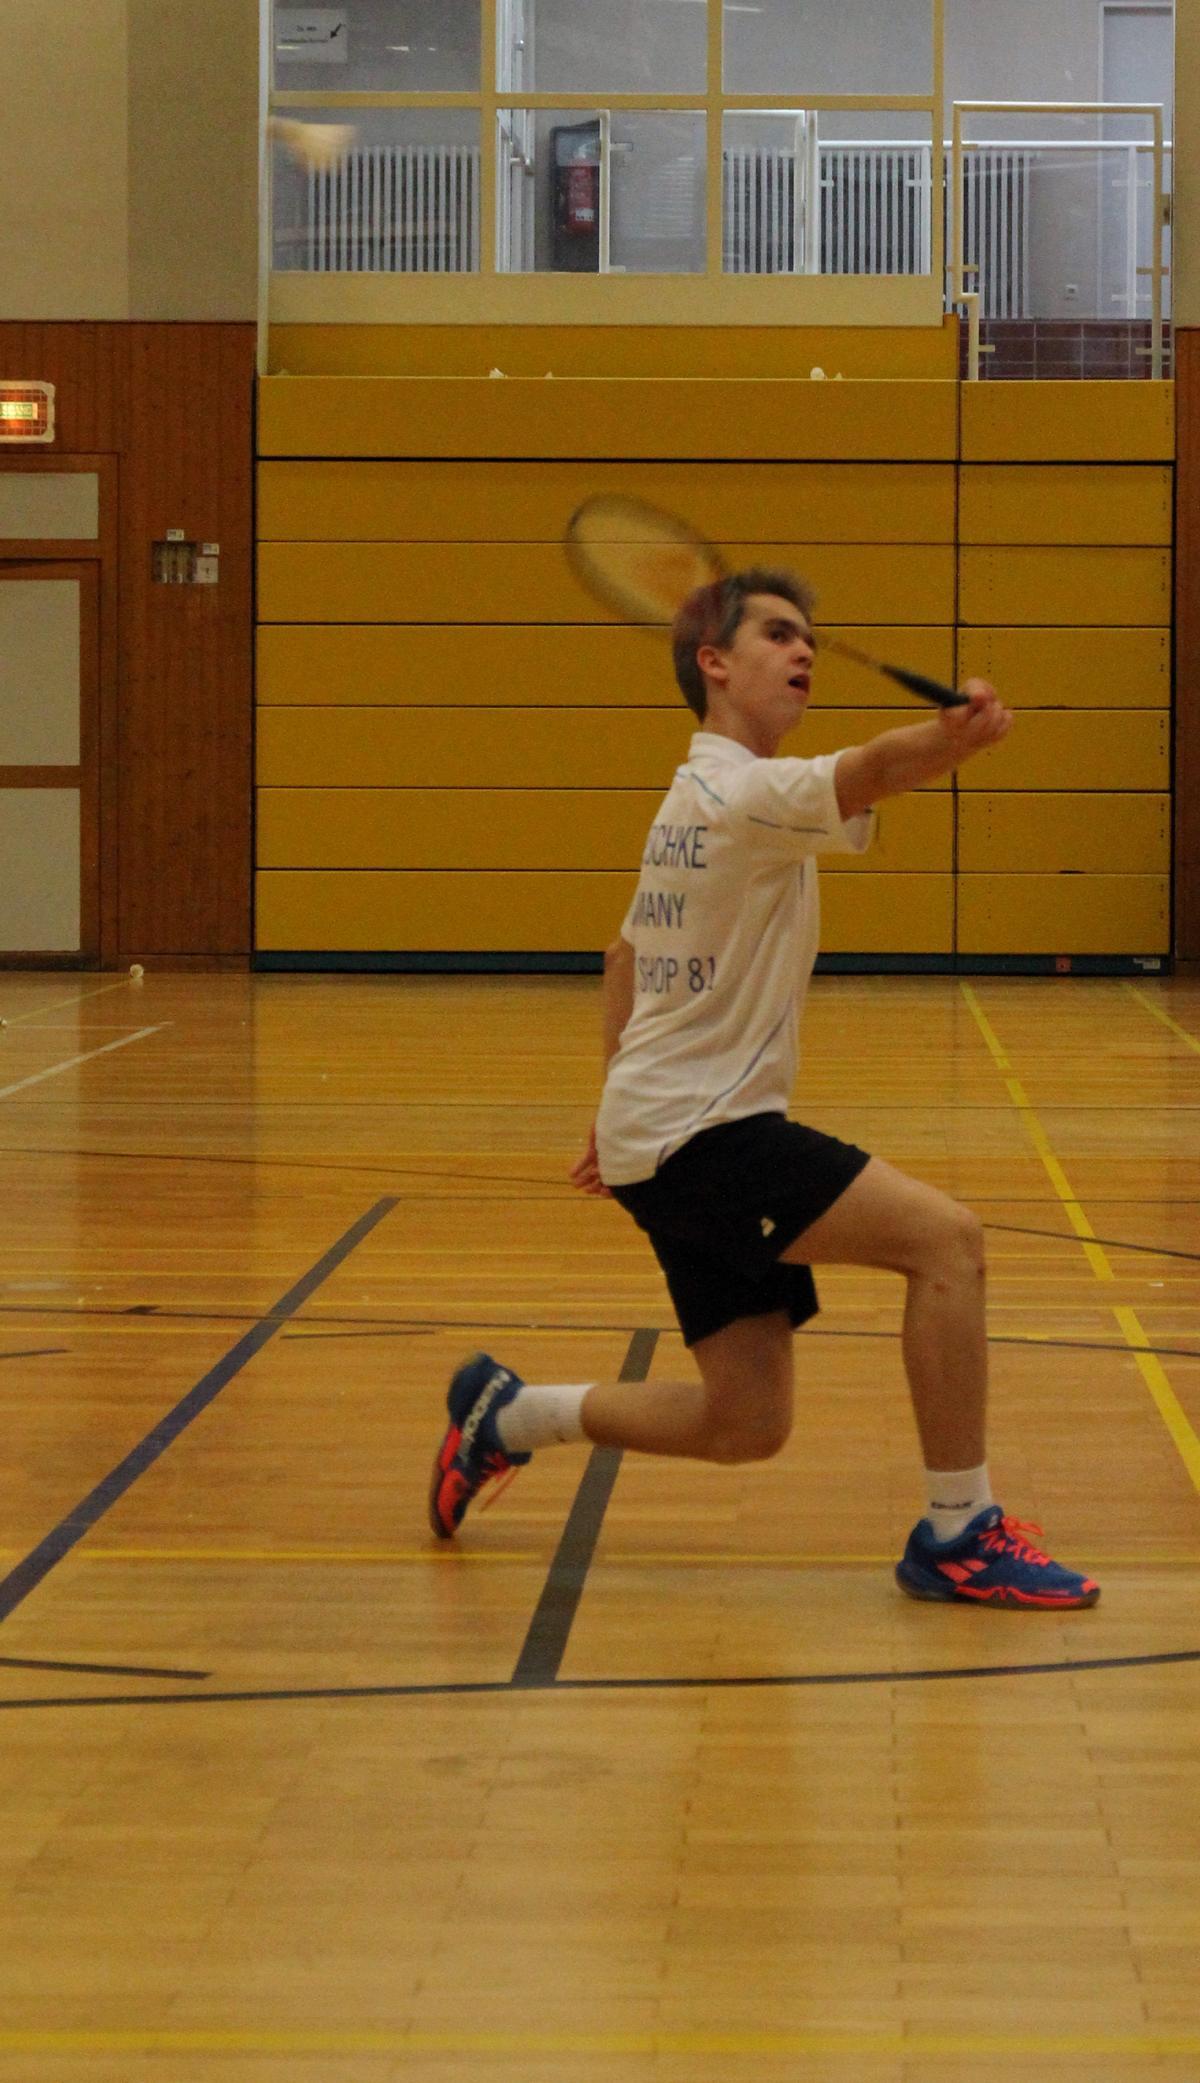 Badminton Verband Berlin